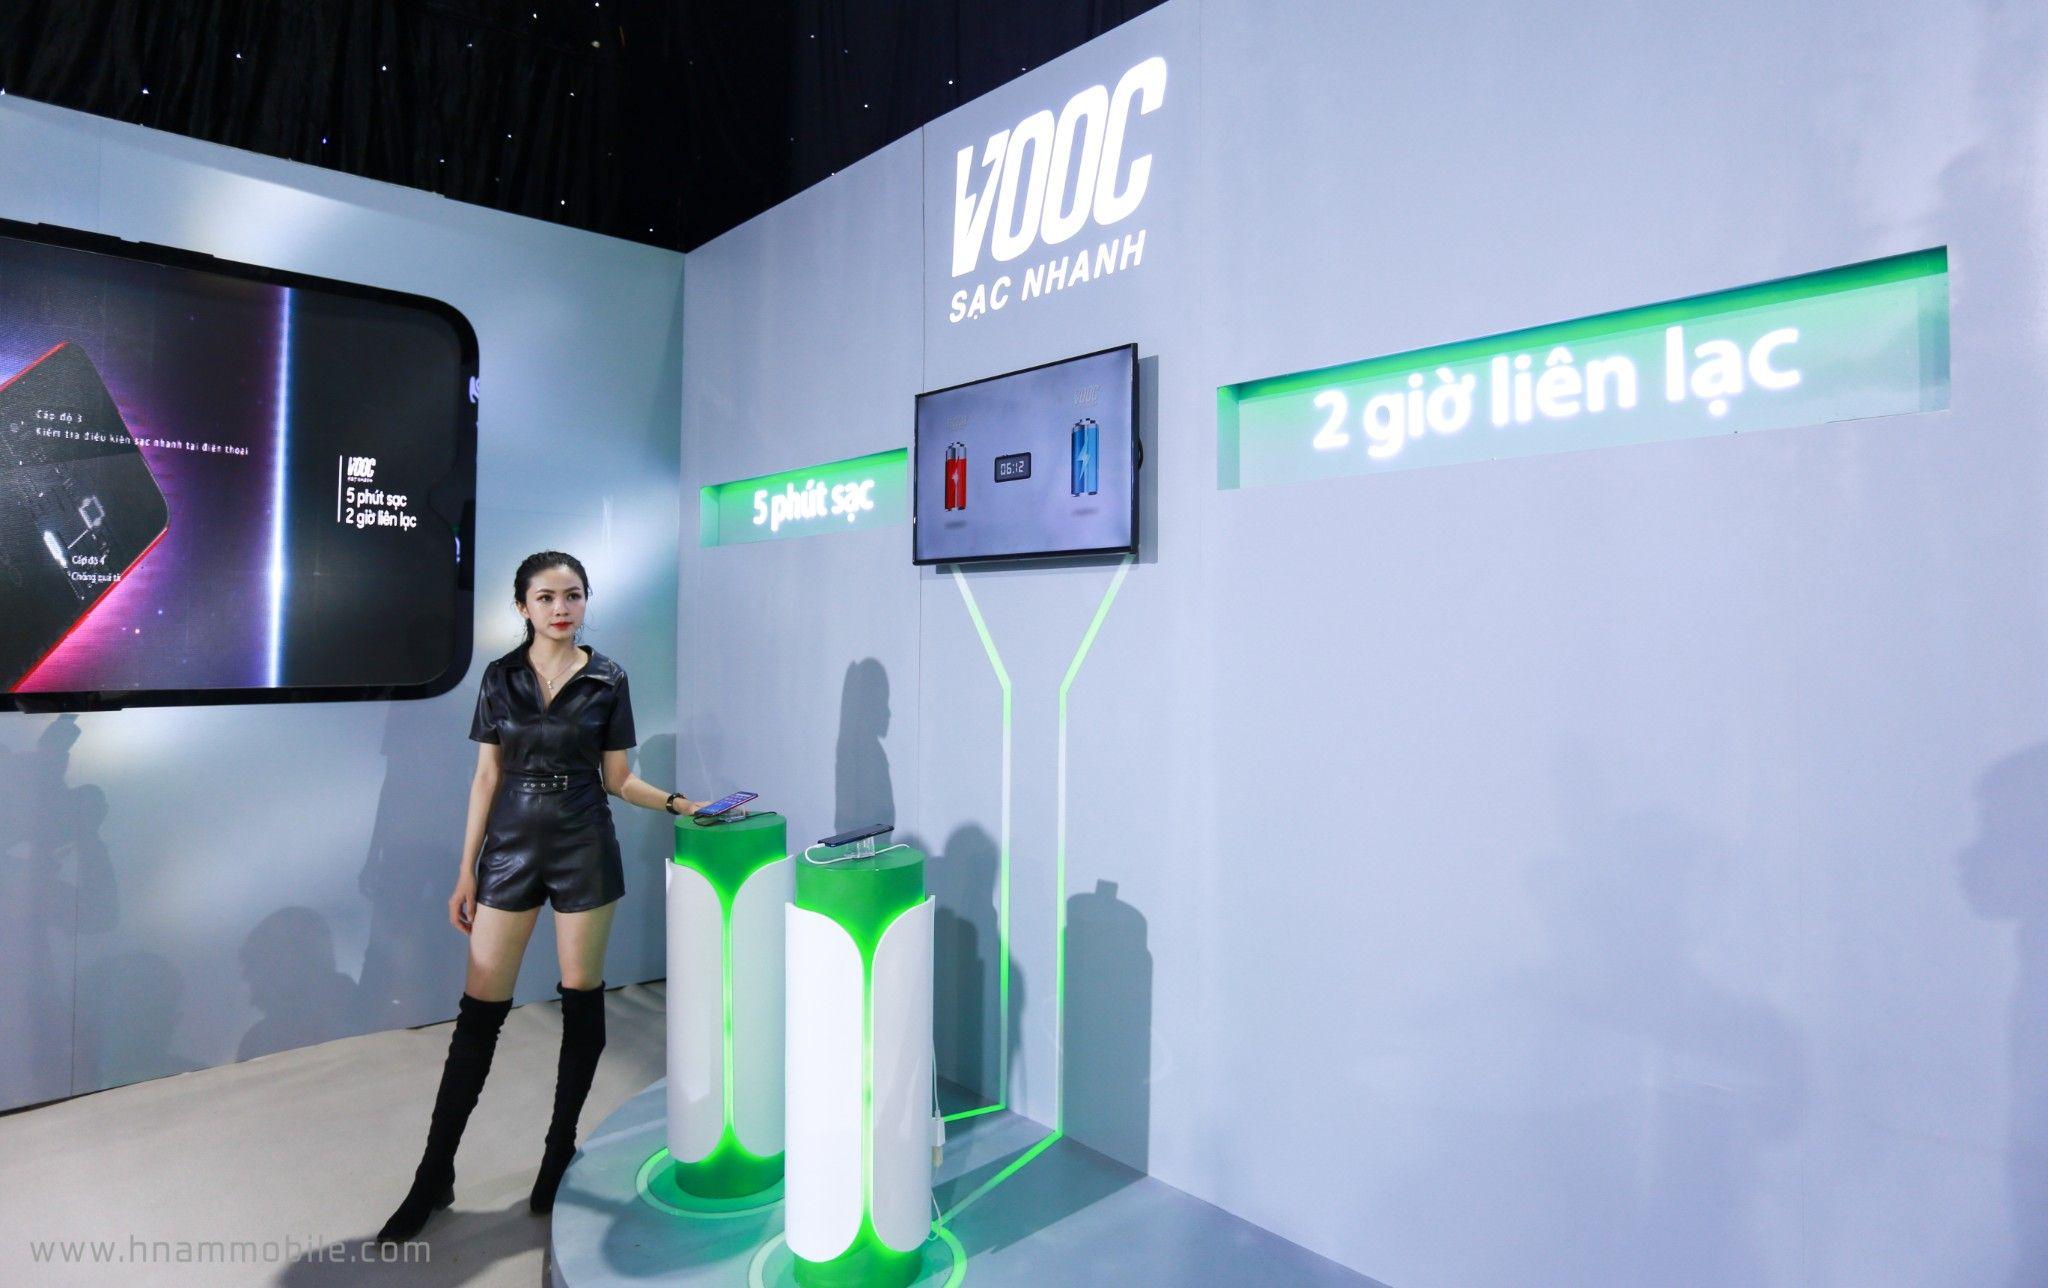 OPPO F9 ra mắt: Màn hình giọt nước, sạc nhanh VOOC, camera kép, giá 7.690.000 VNĐ hình 5